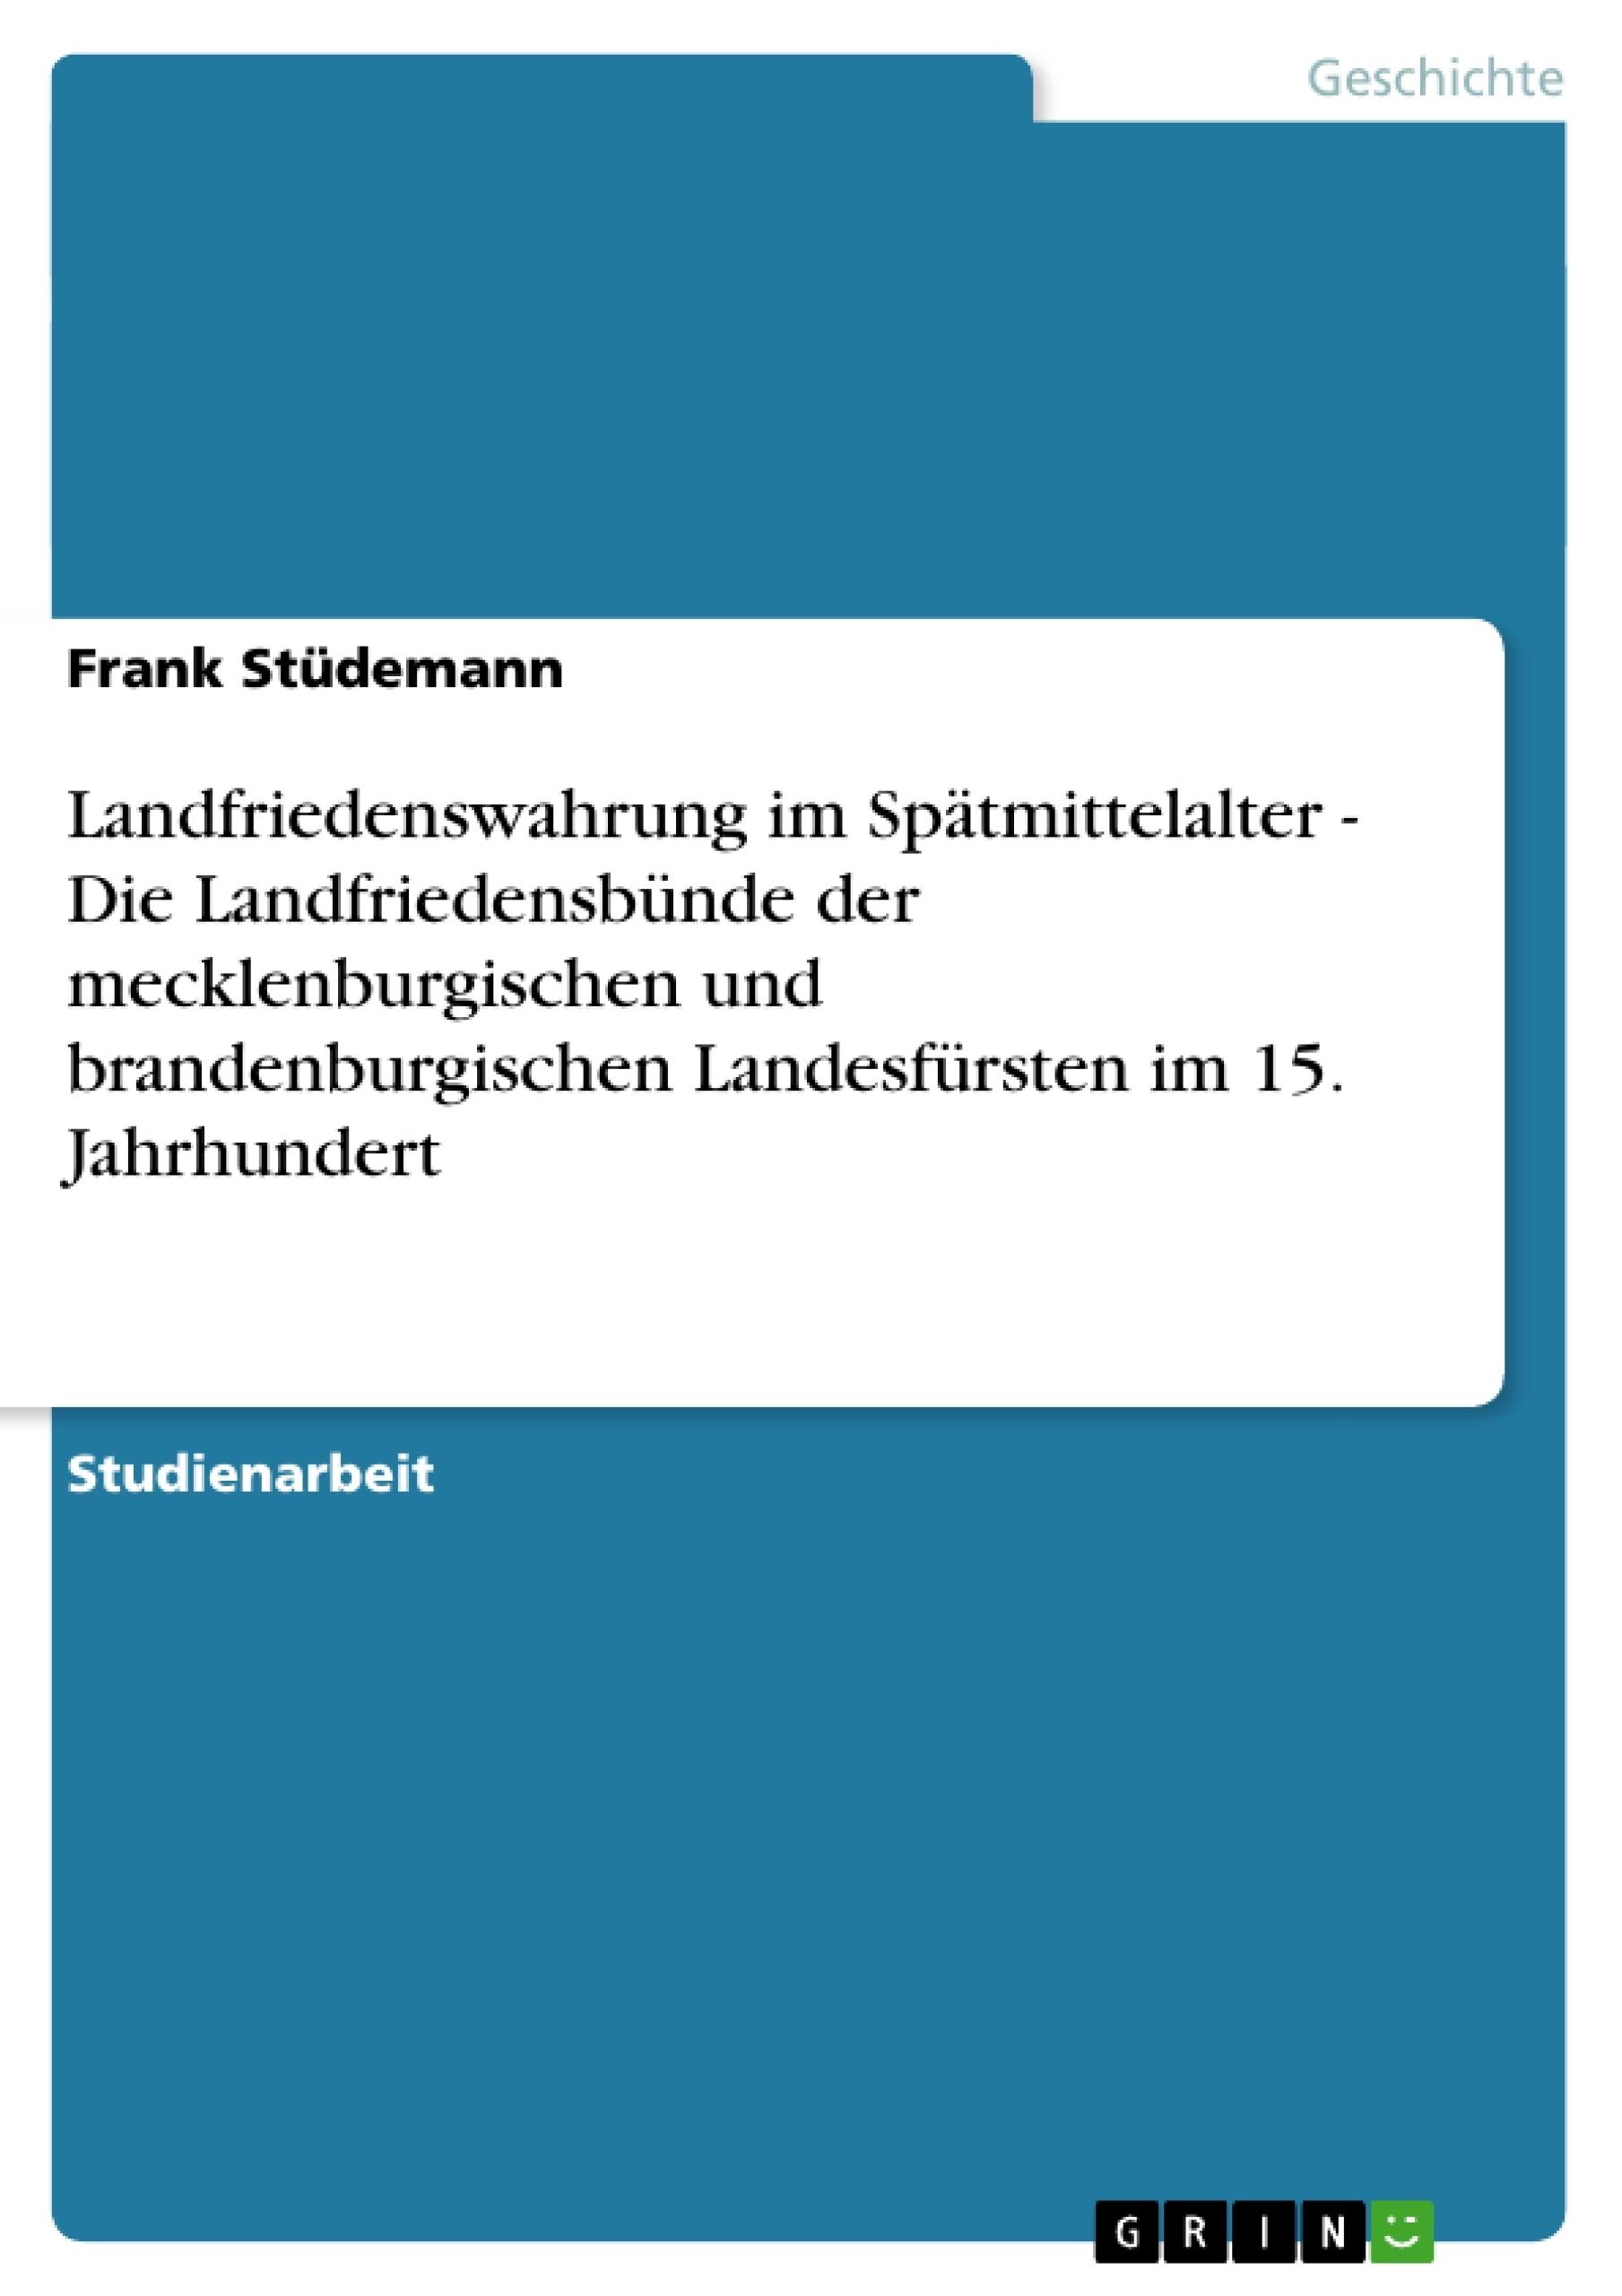 Titel: Landfriedenswahrung im Spätmittelalter - Die Landfriedensbünde der mecklenburgischen und brandenburgischen Landesfürsten im 15. Jahrhundert